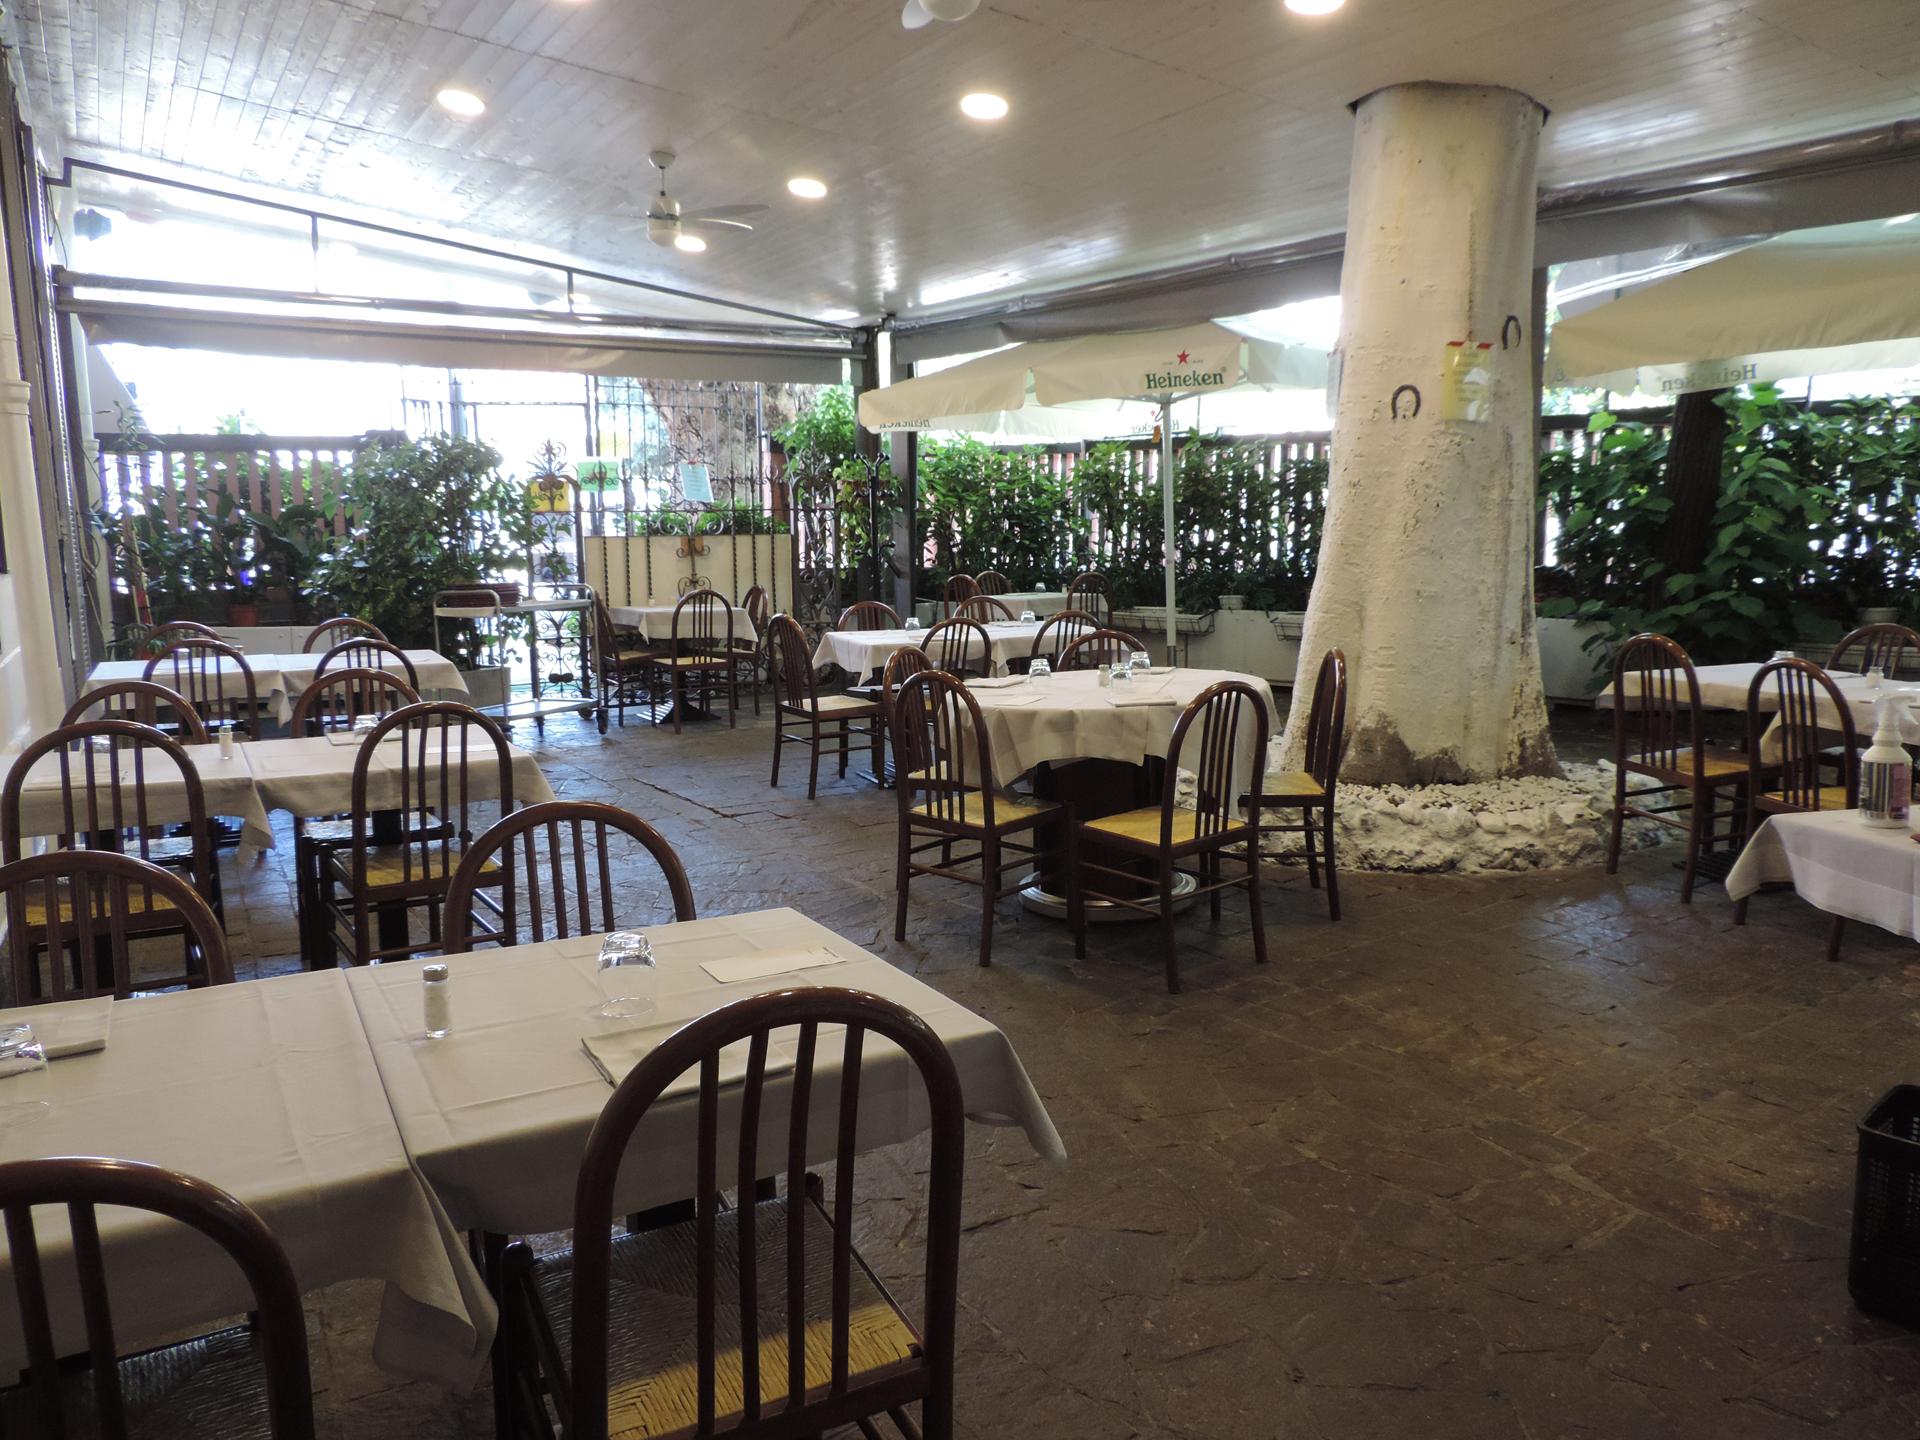 Ristorante-La-Pianta-di-Affori_www.milanomia2.com (7)